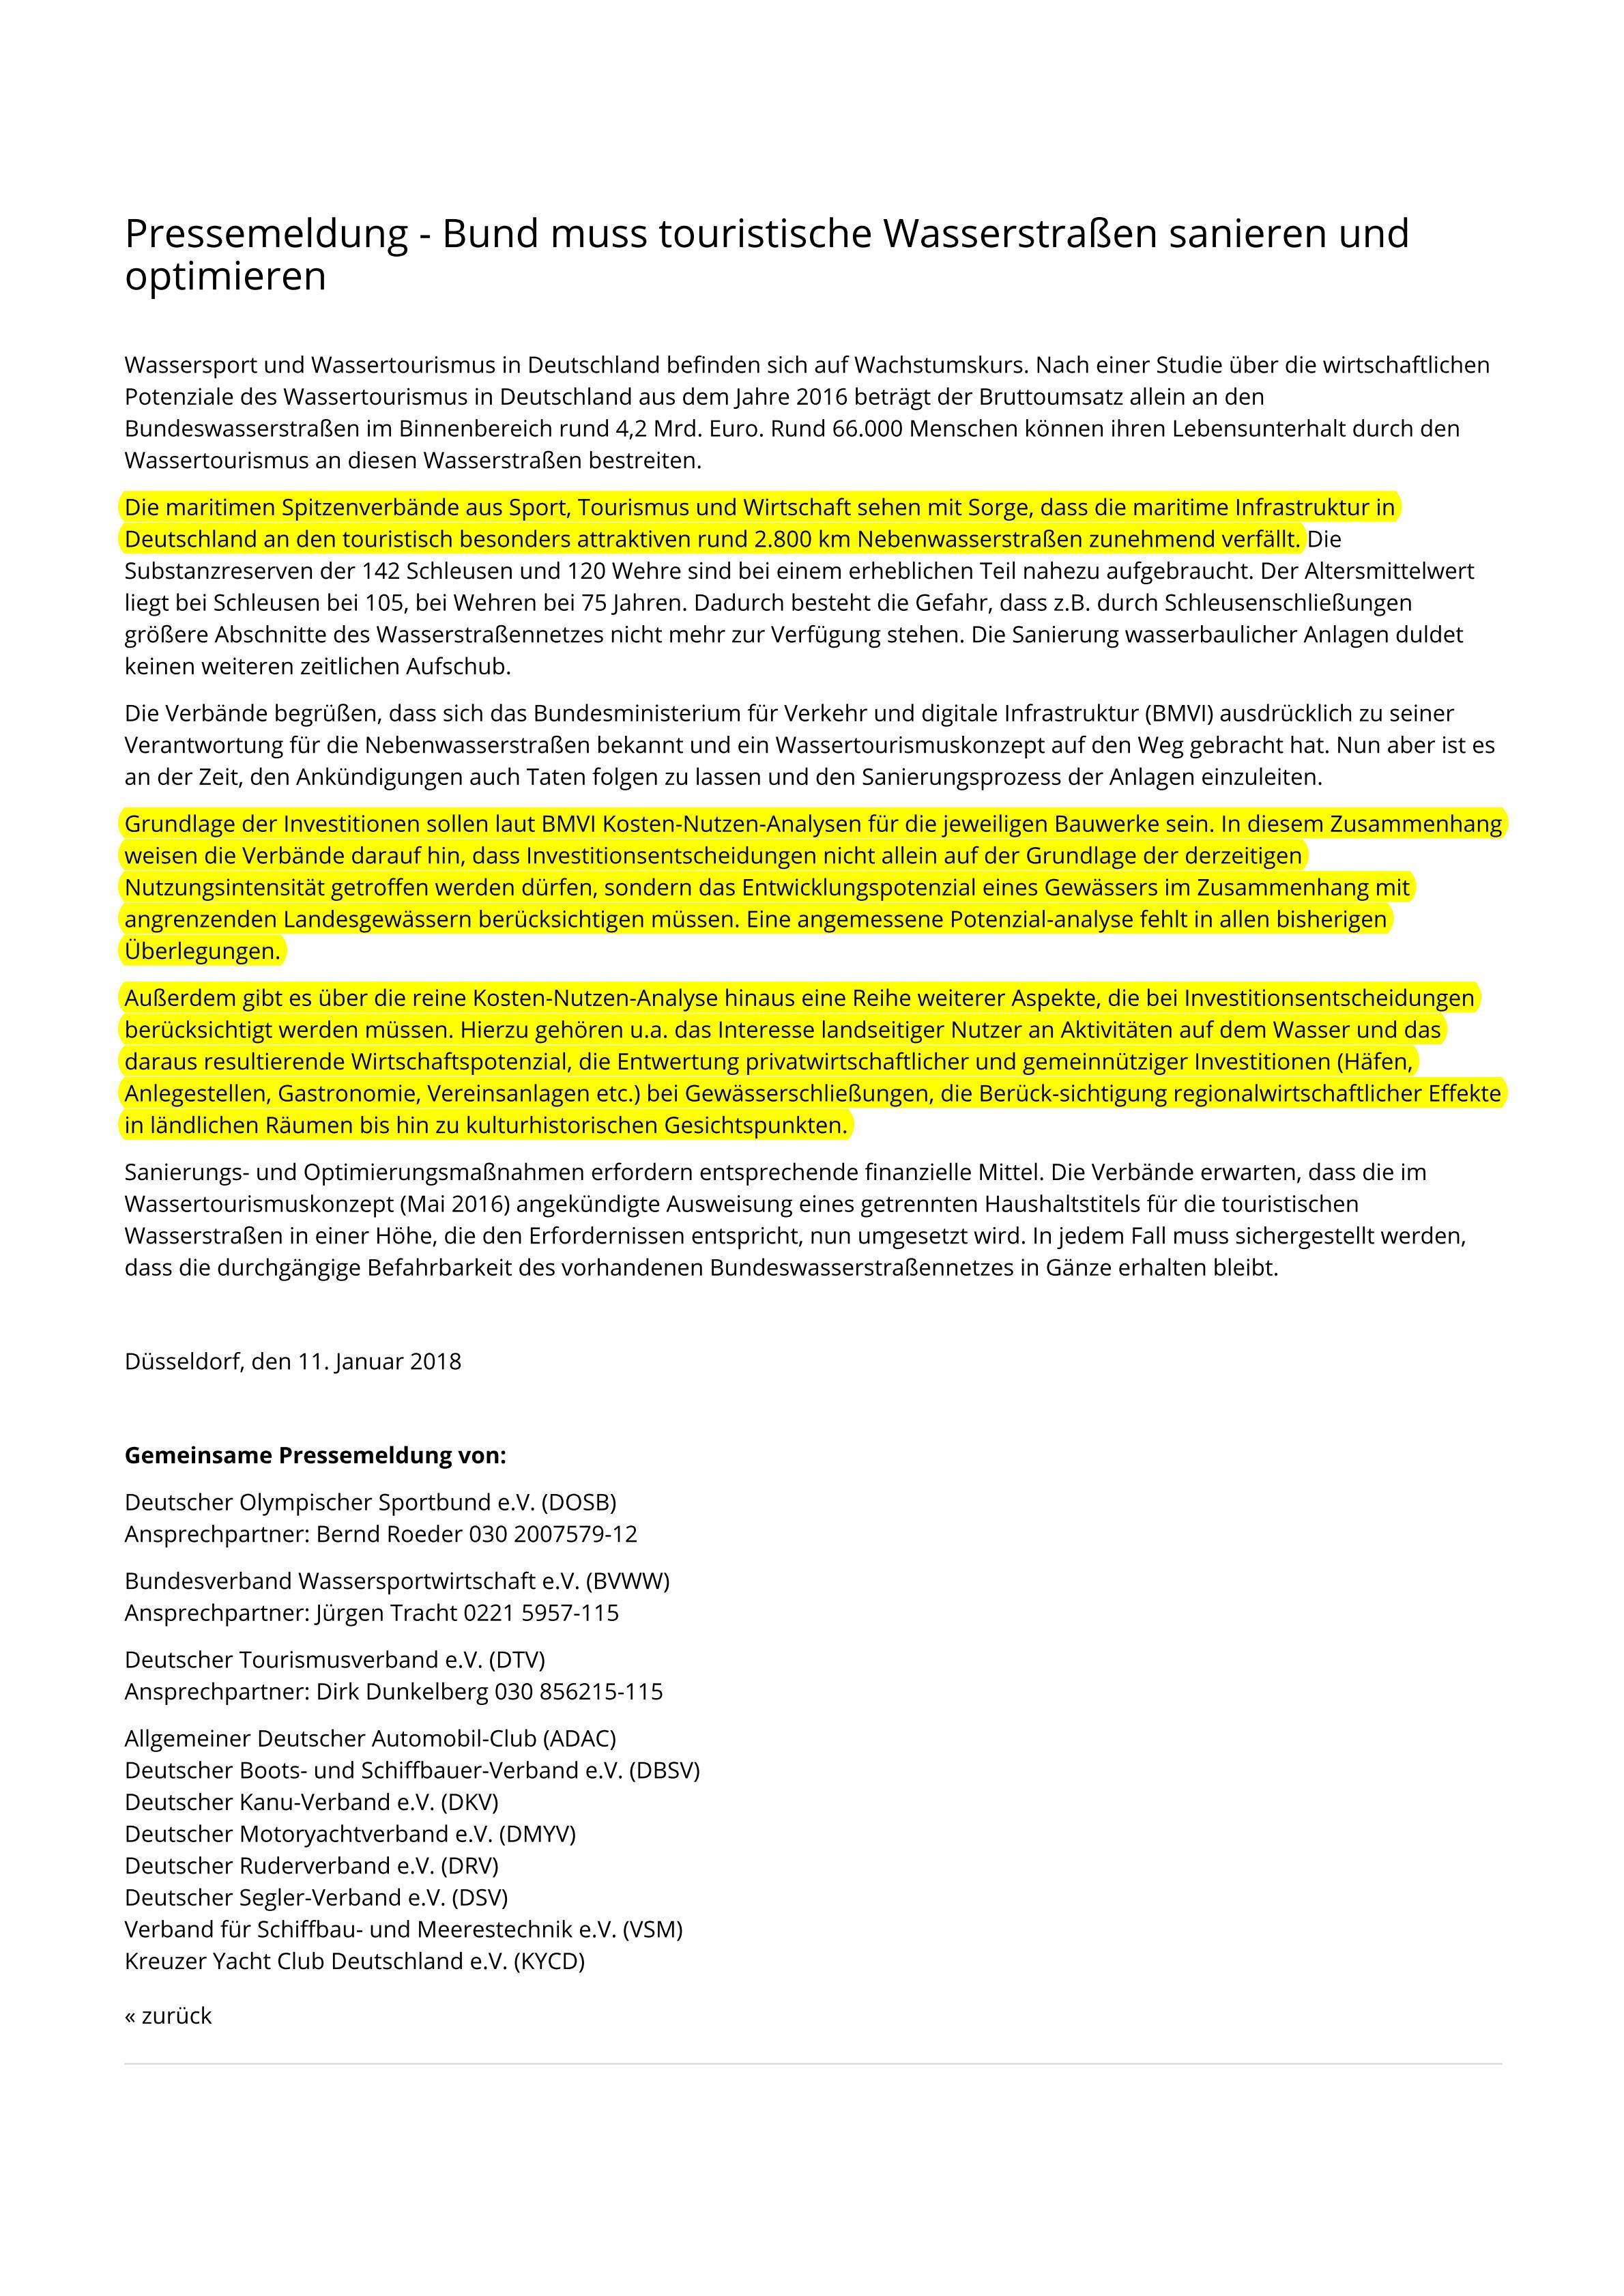 180118_Pressemeldung - Bundesverband Wassersportwirtschaft e.V. (BVWW)